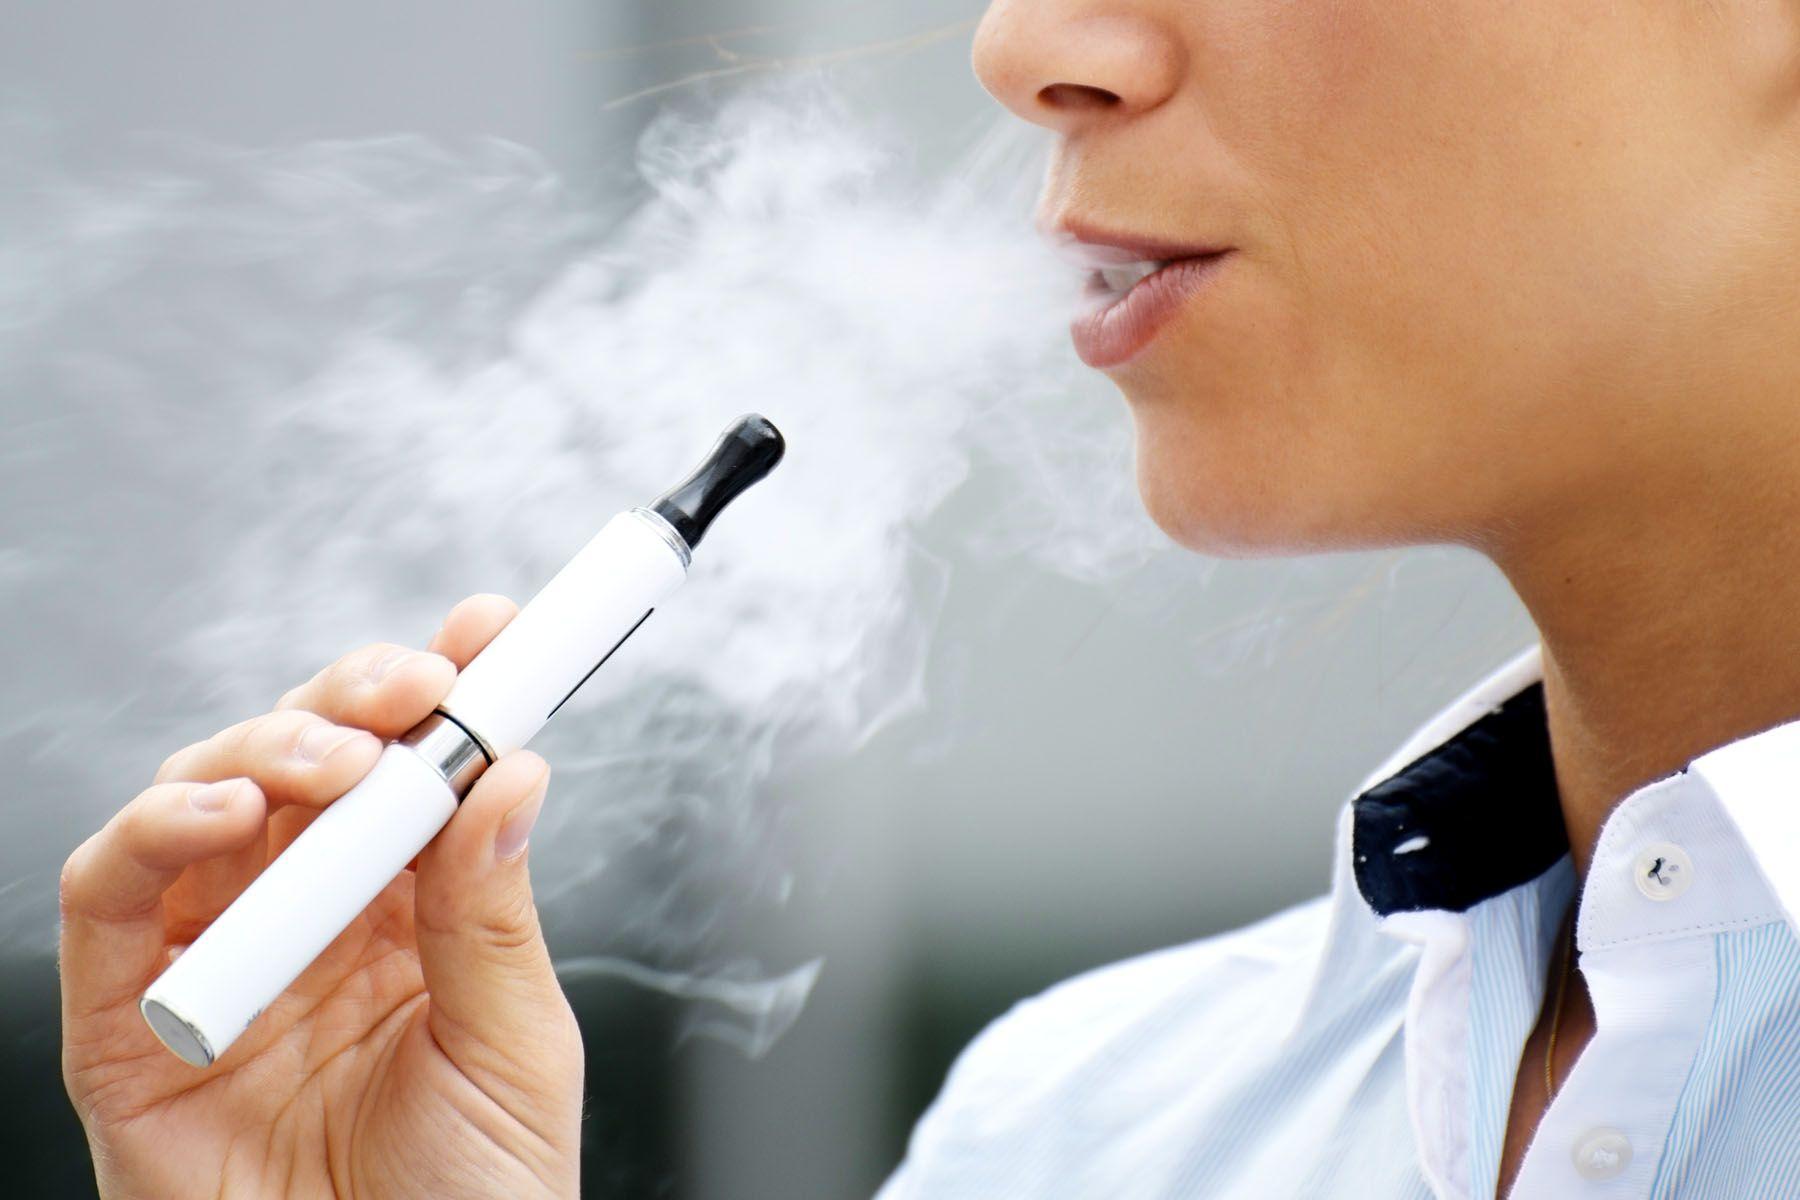 Țigările electronice - soluție salvatoare sau pericol pentru fumători